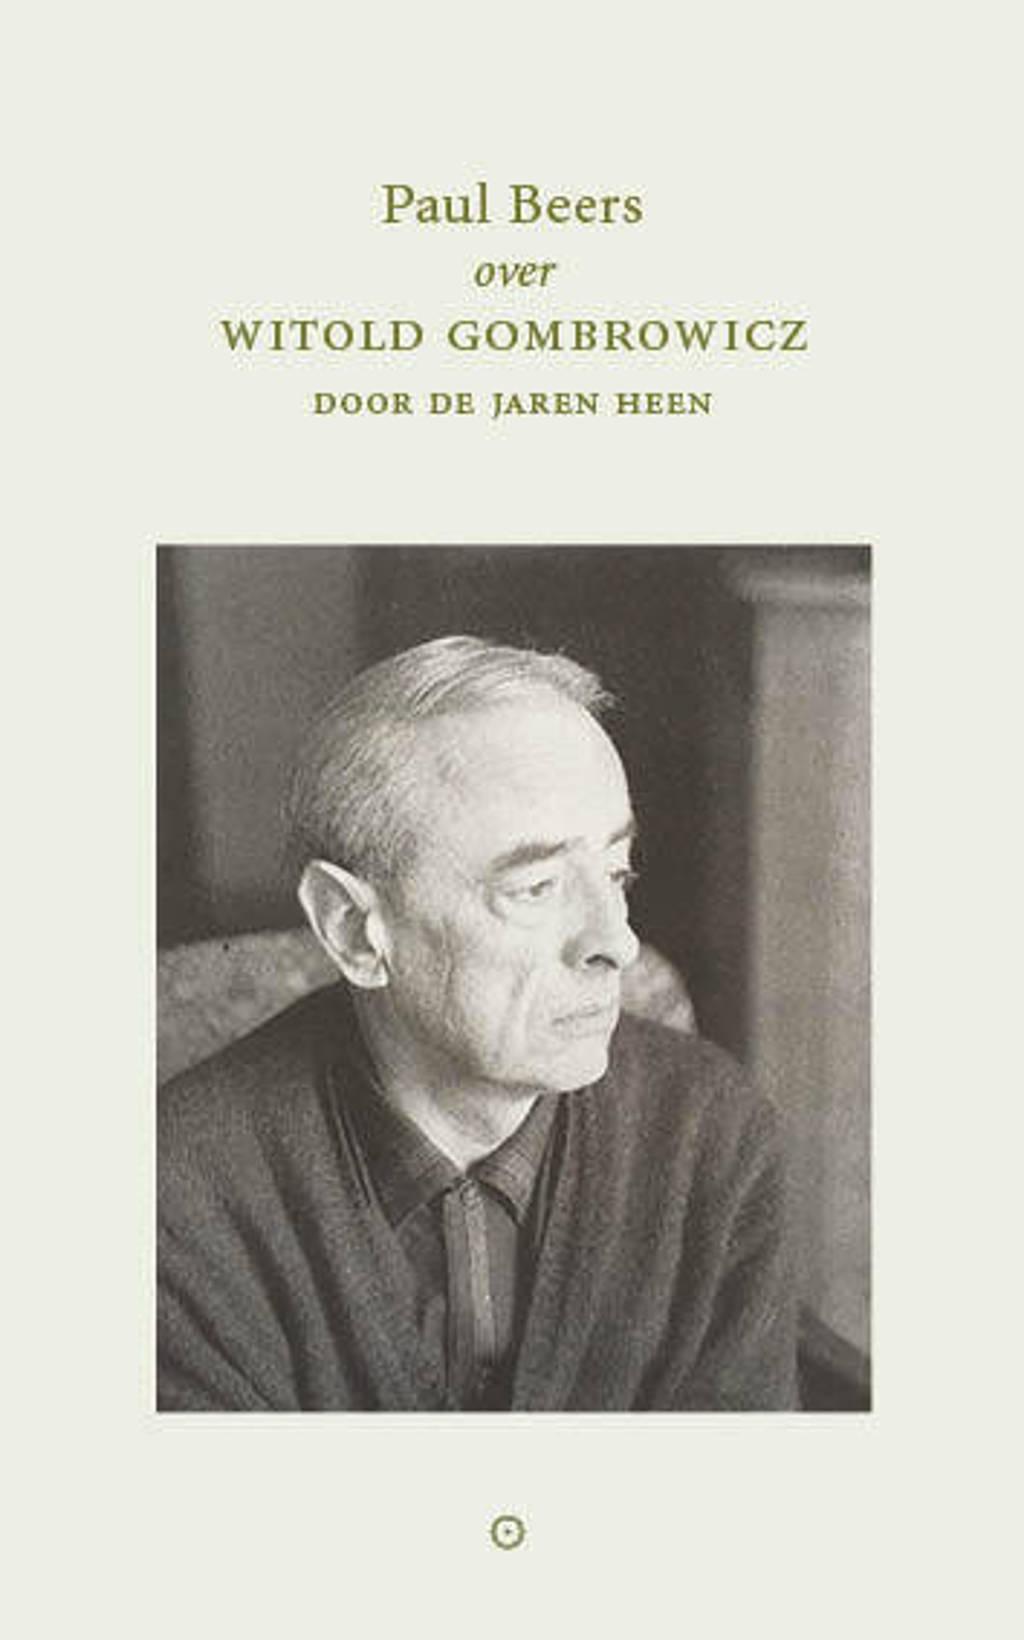 Witold Gombrowicz door de jaren heen - Paul Beers